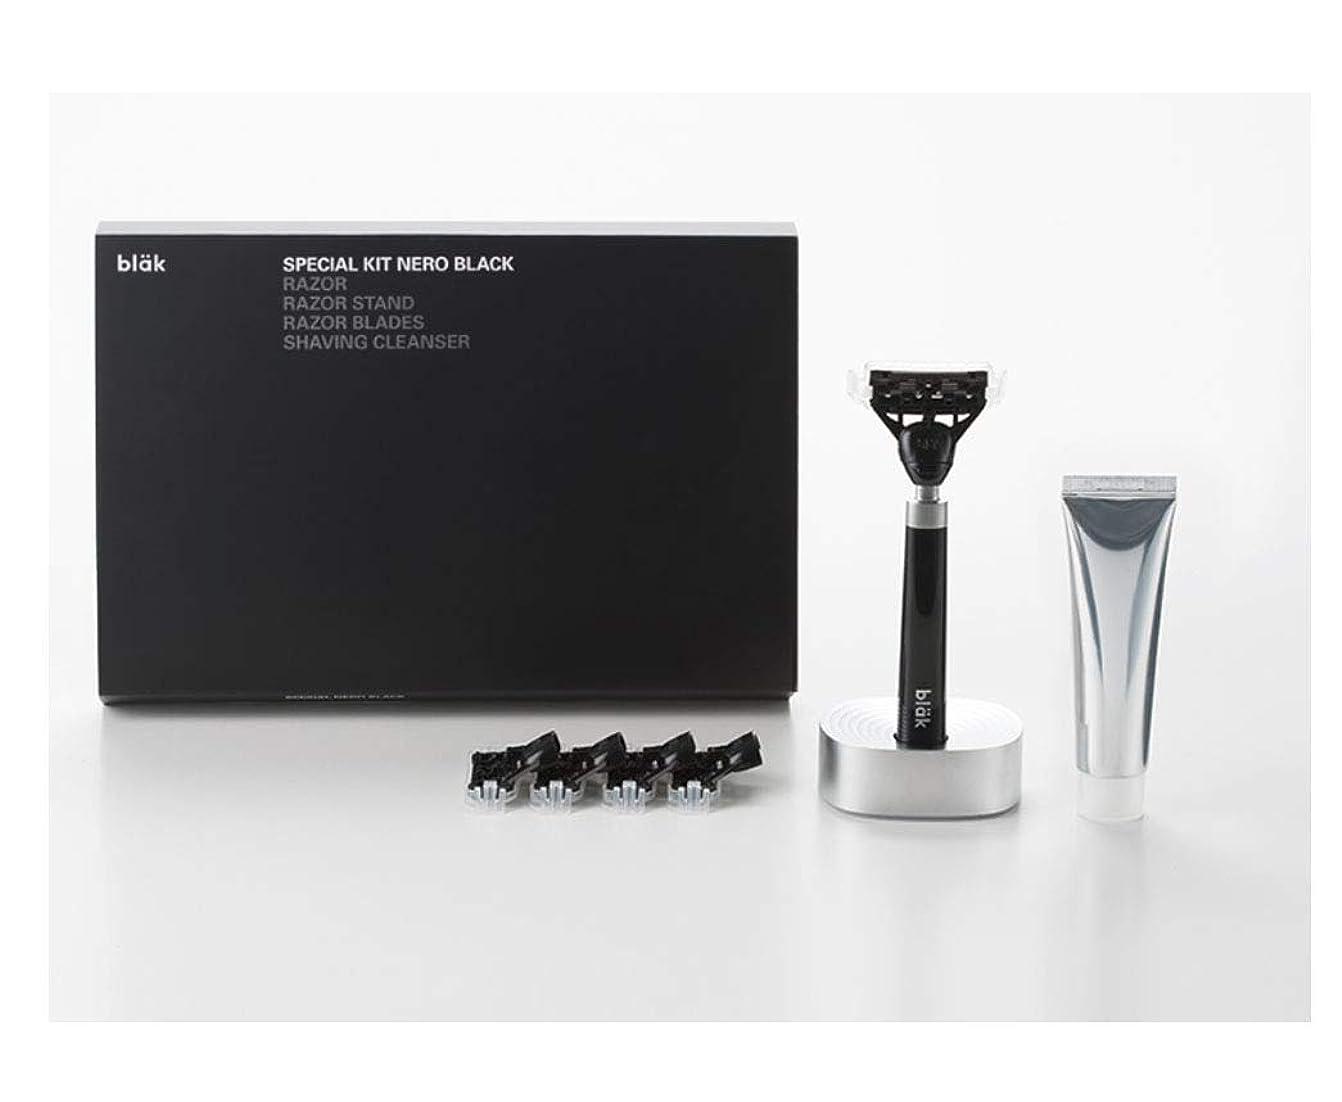 控えるメトリックピラミッドblak Special Kit Nero Black ブロック剃毛セット(カミソリ+剃毛スタンド+シェービングクレンザー30ml+シェービングの余分日4ea)(海外直送品)